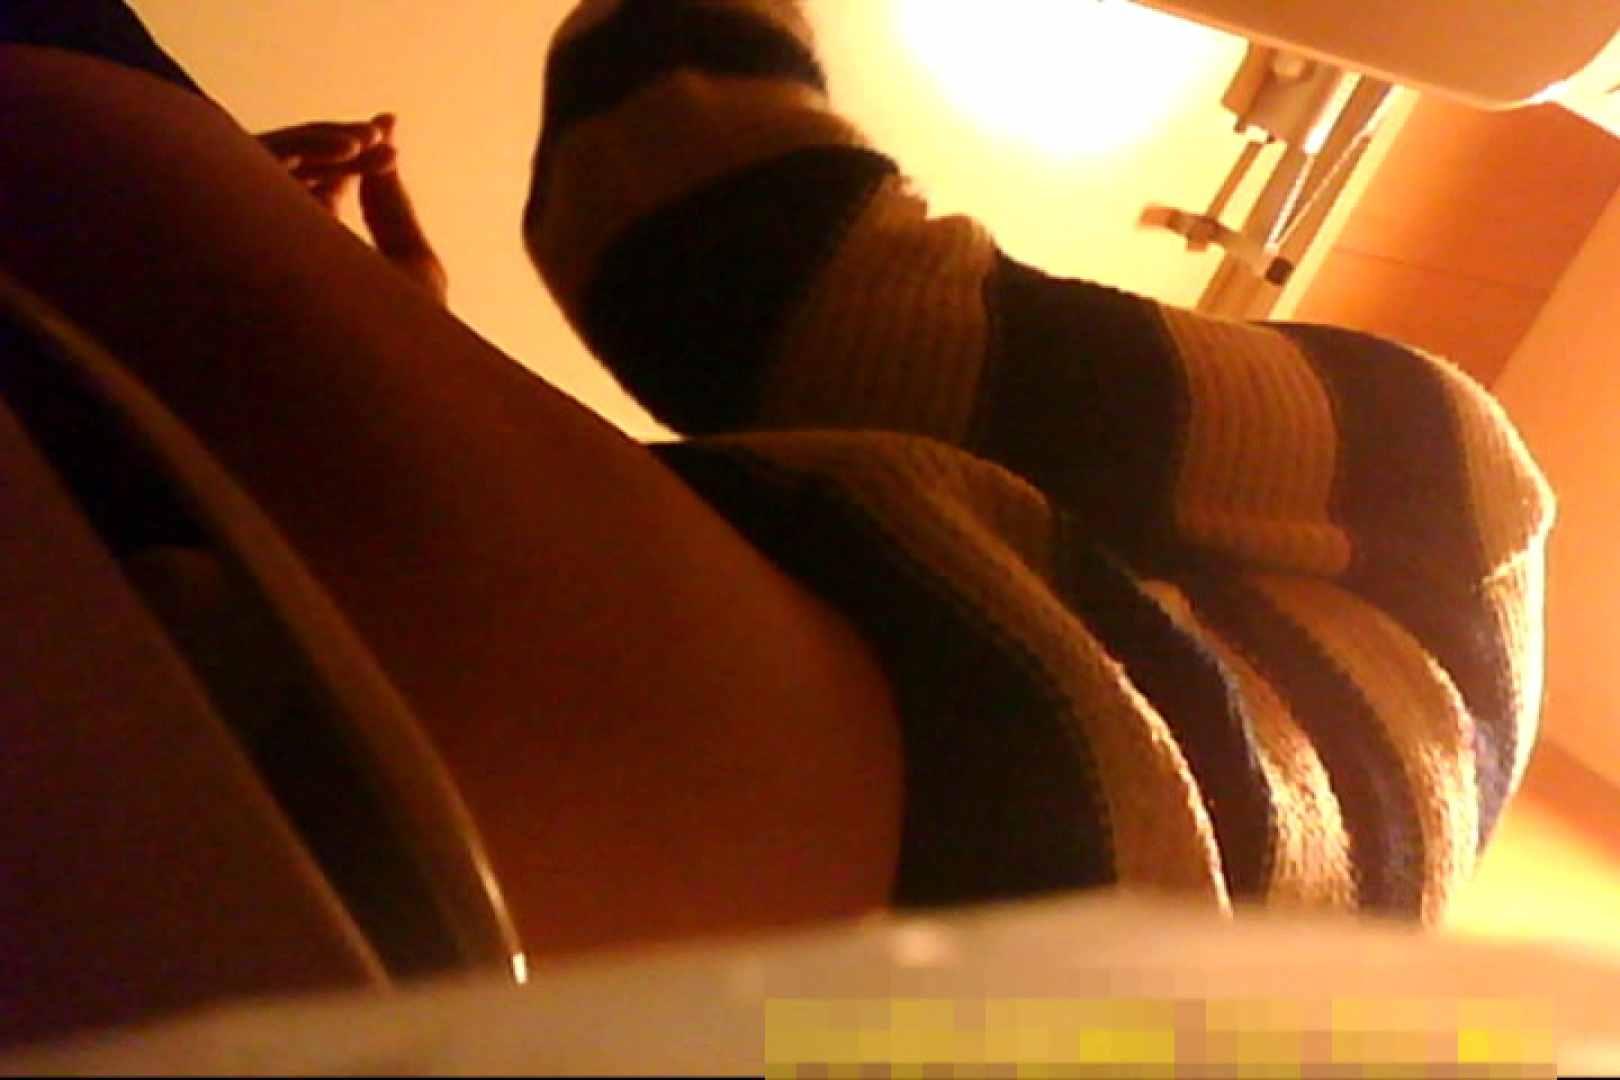 魅惑の化粧室~禁断のプライベート空間~vol.6 お姉さん  81pic 33